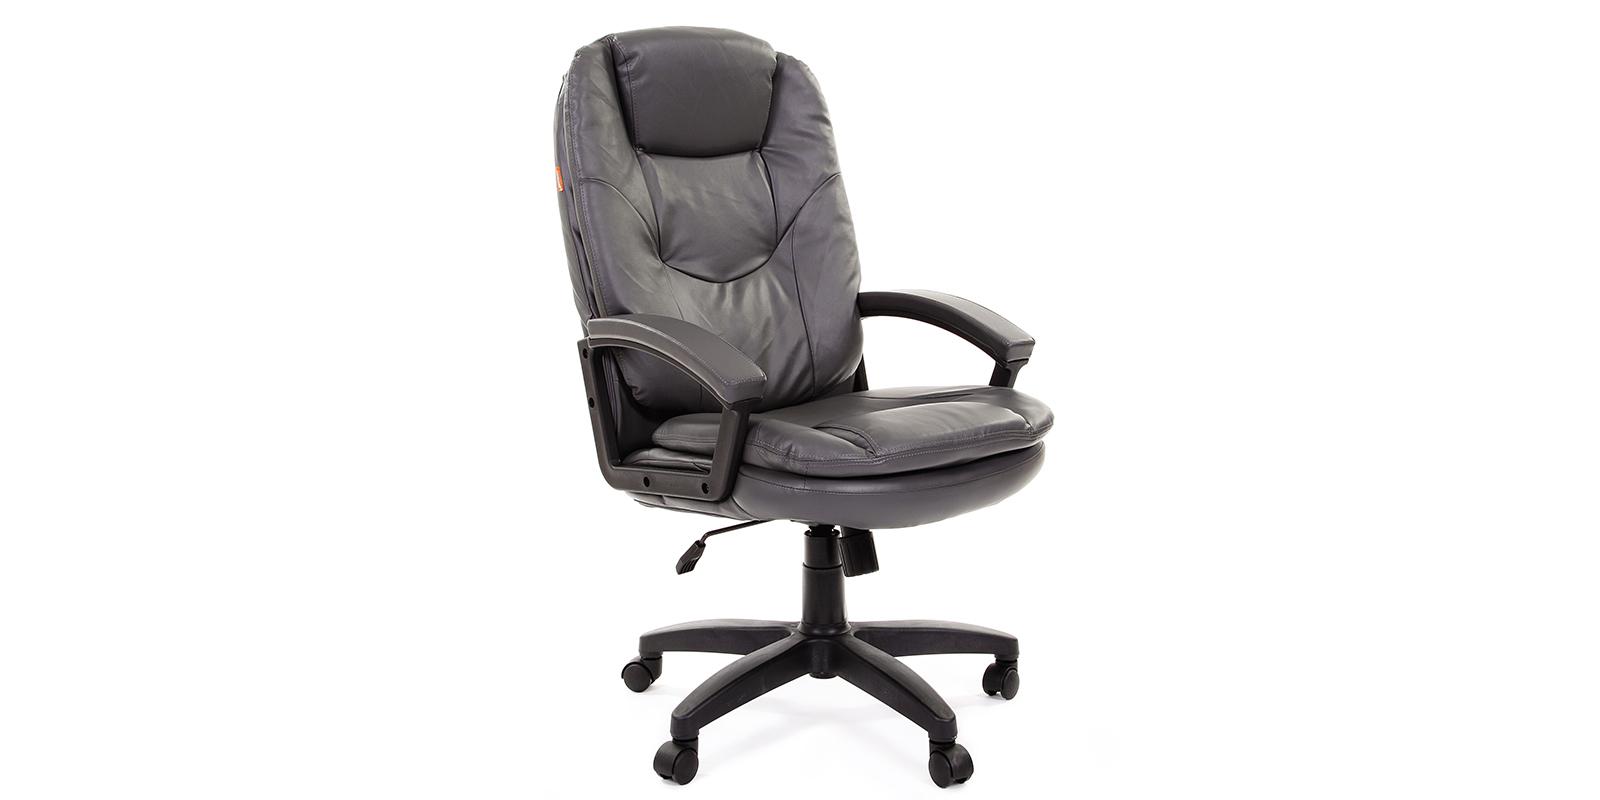 Кресло для руководителя Chairman 668 вариант №2 (серый)